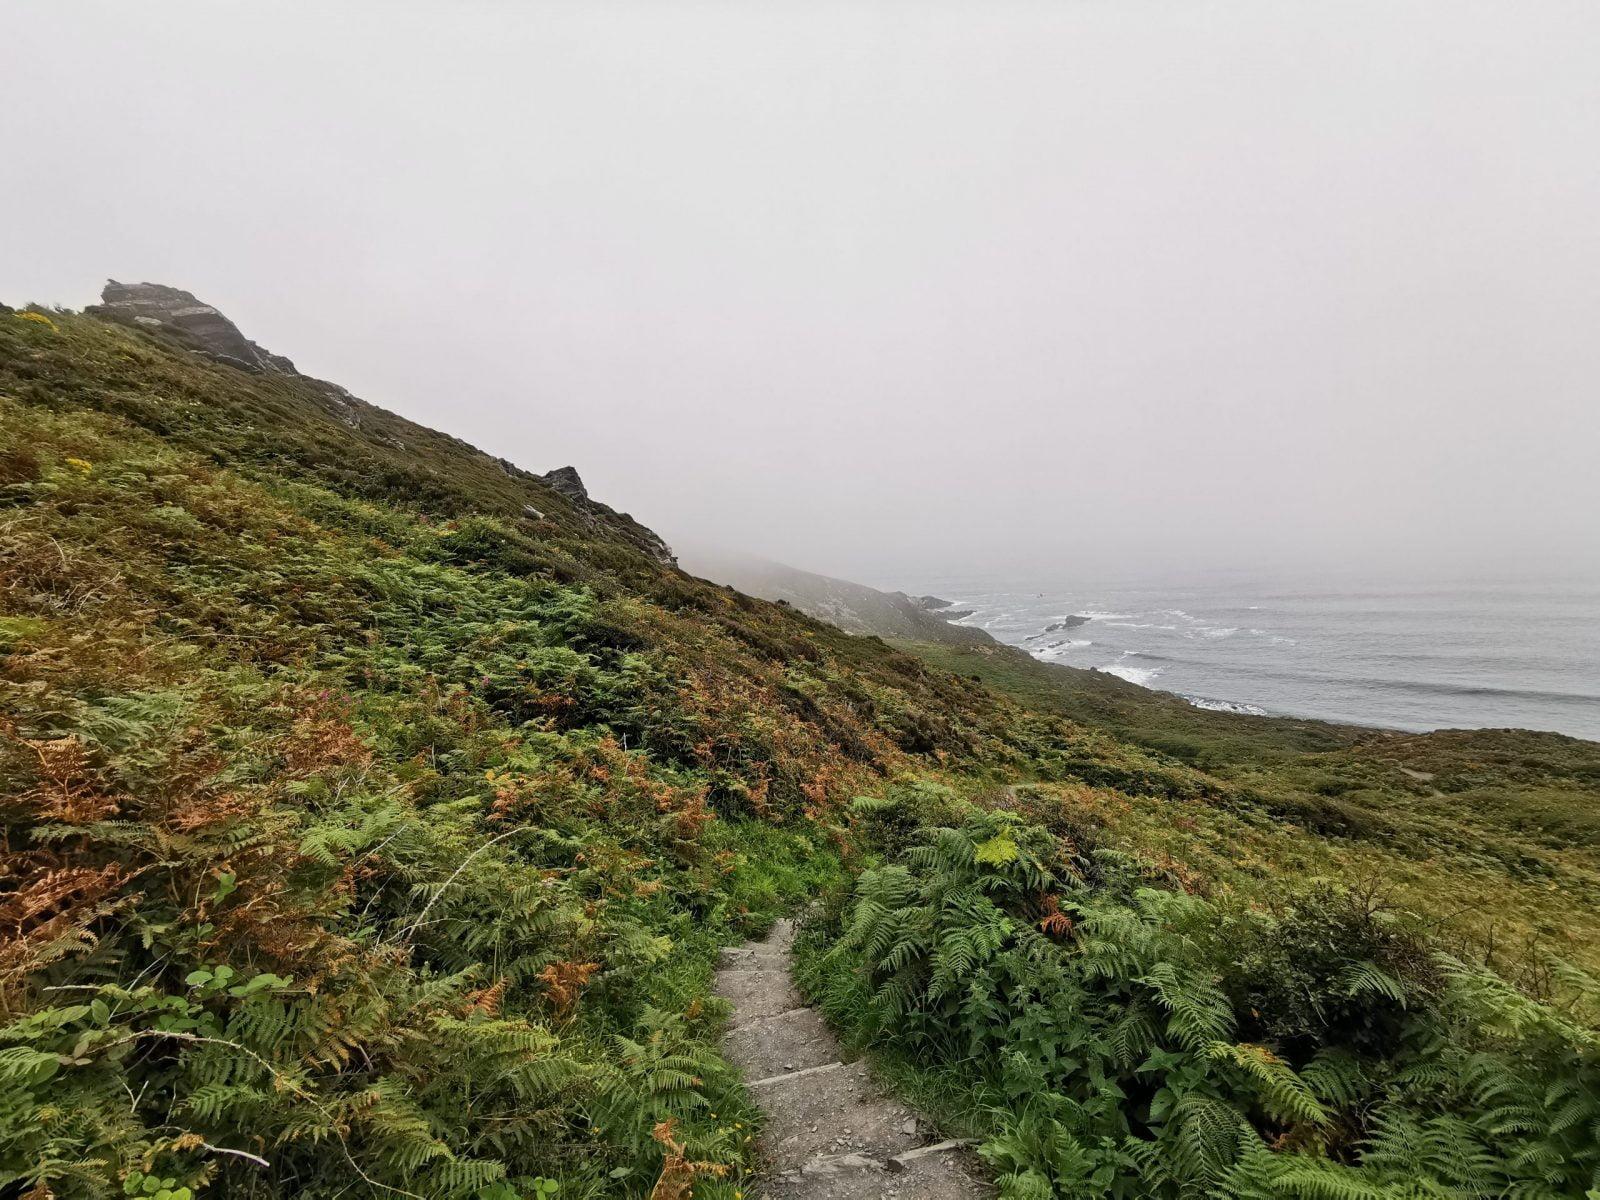 The Strangles Beach & Trail: A Hidden & Quiet Beach in Cornwall 43